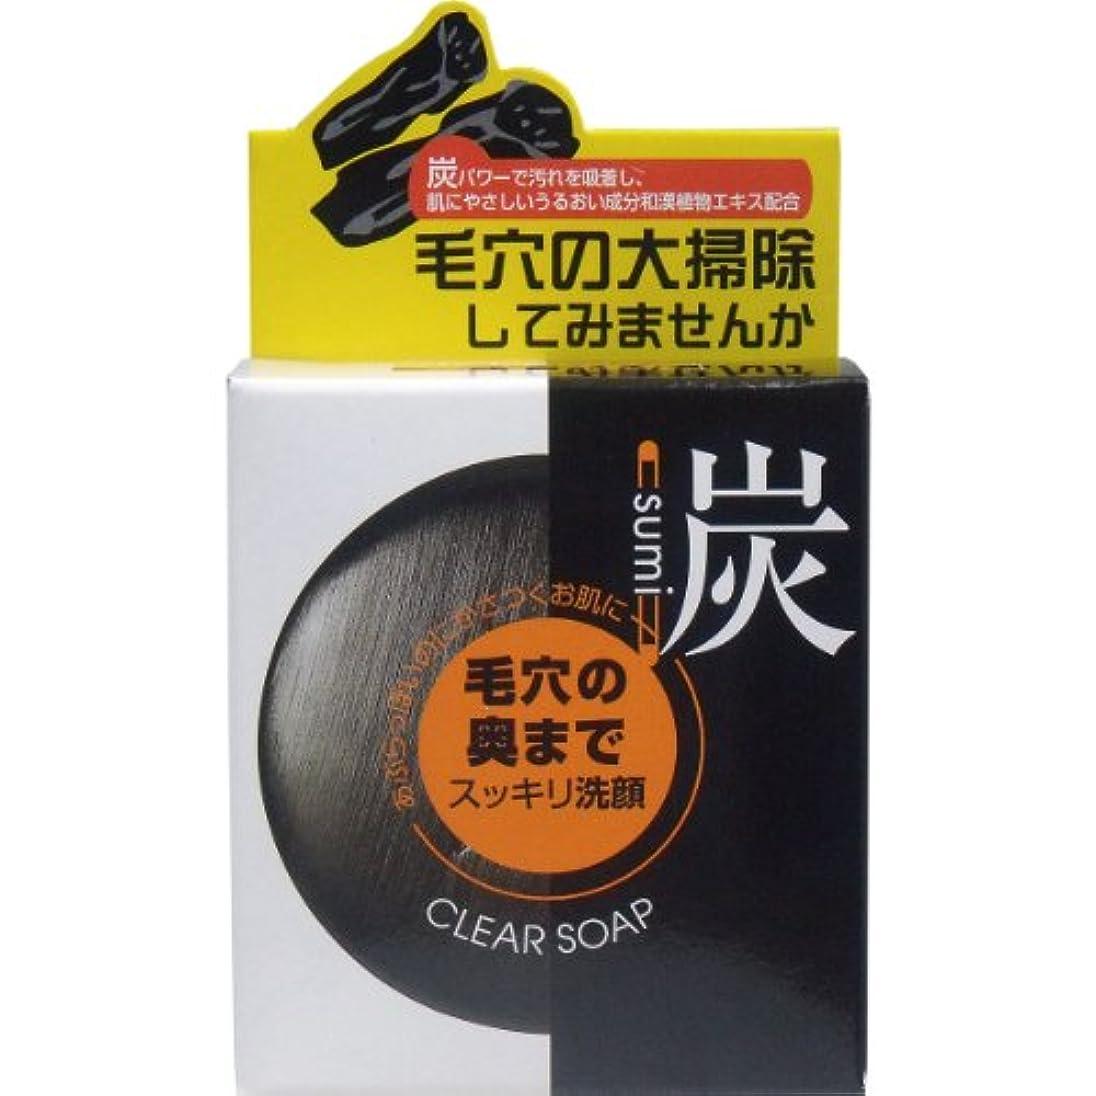 わかりやすい比較的安いですユゼ 炭透明石けん 無香料?無着色 100g